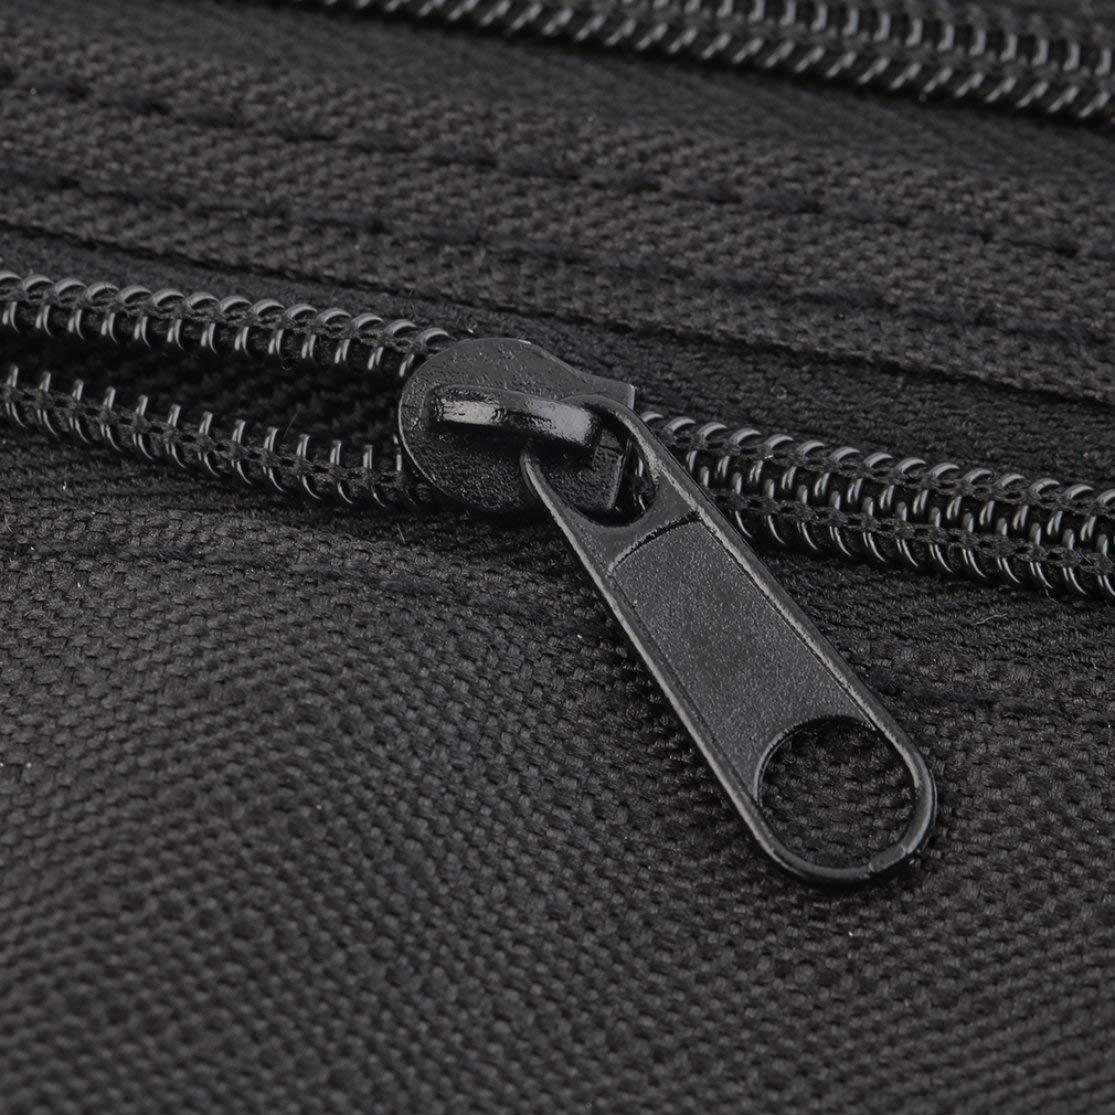 LouiseEvel215 Unisex Compact Cash Reisepass Ticket Rei/ßverschlusstasche Sicherheitsgurt Taschen mit elastischem verstellbarem Gurt Sicherheit G/ürteltasche